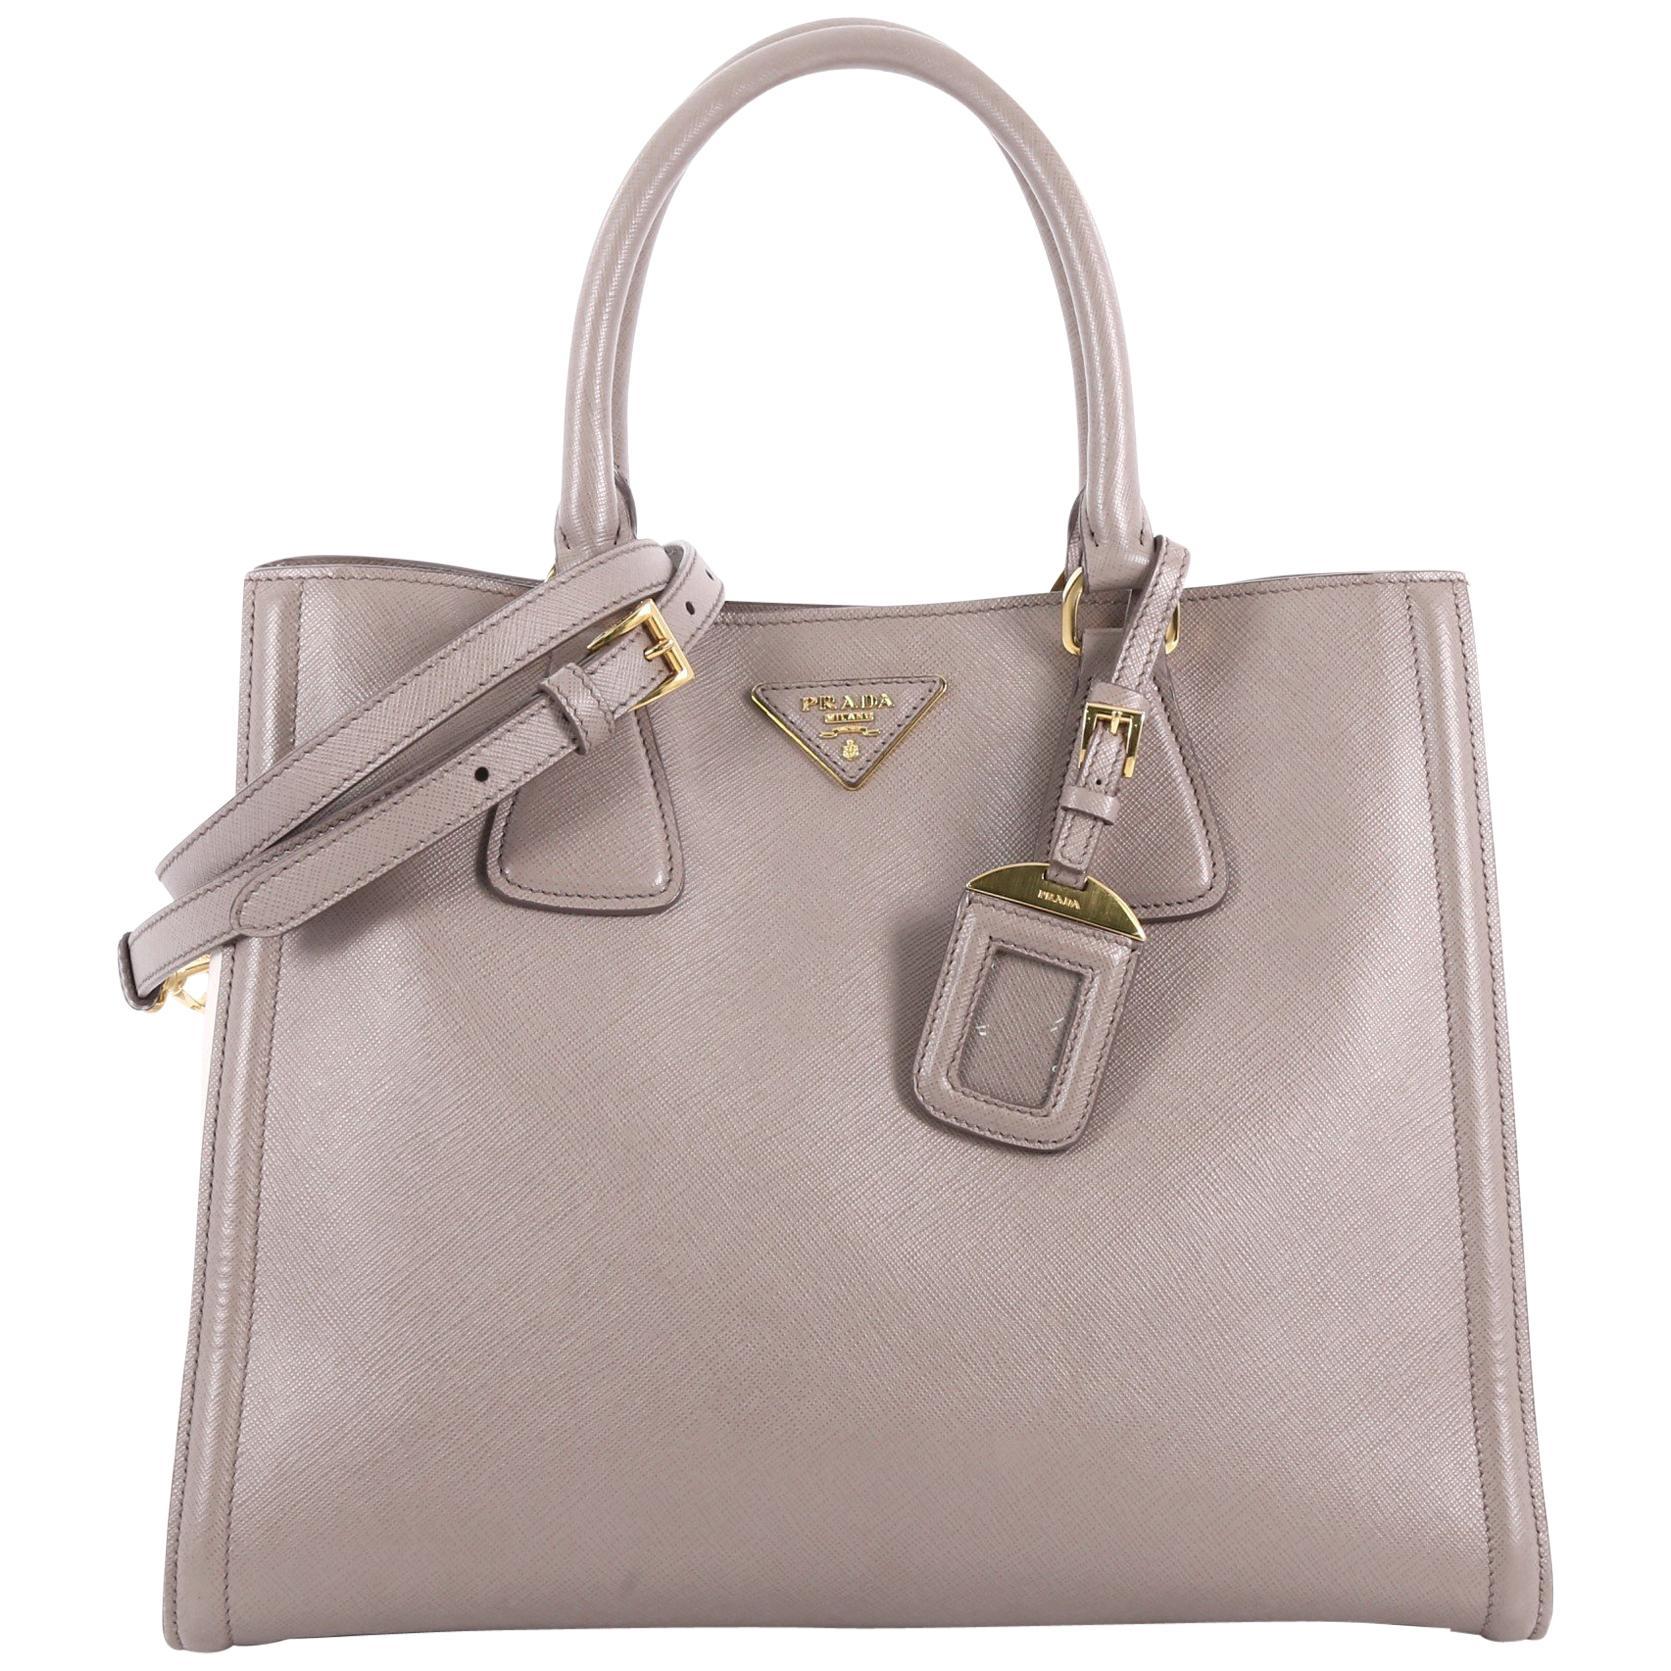 3d1c48b77b4b ebay prada handbag rose navy 1a4ec 7cca6